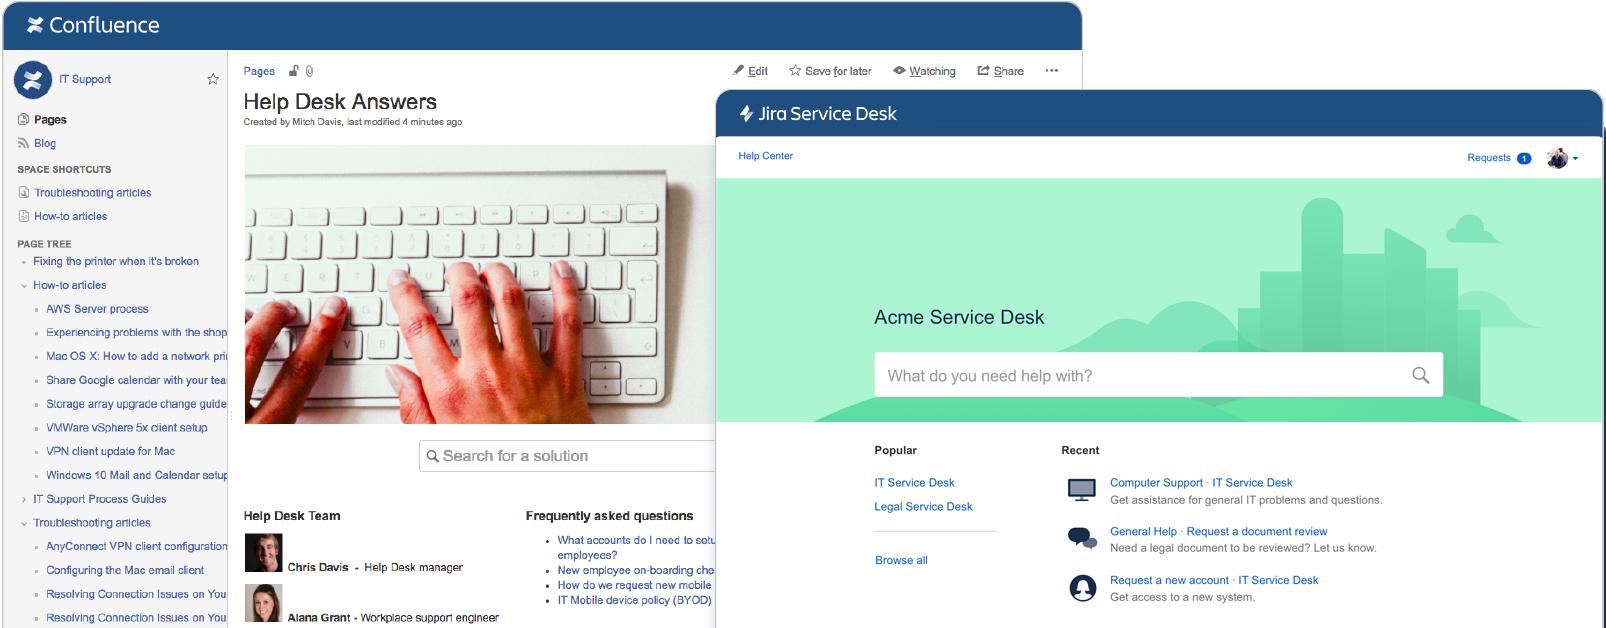 Confluence 및 Jira Service Desk 스크린샷